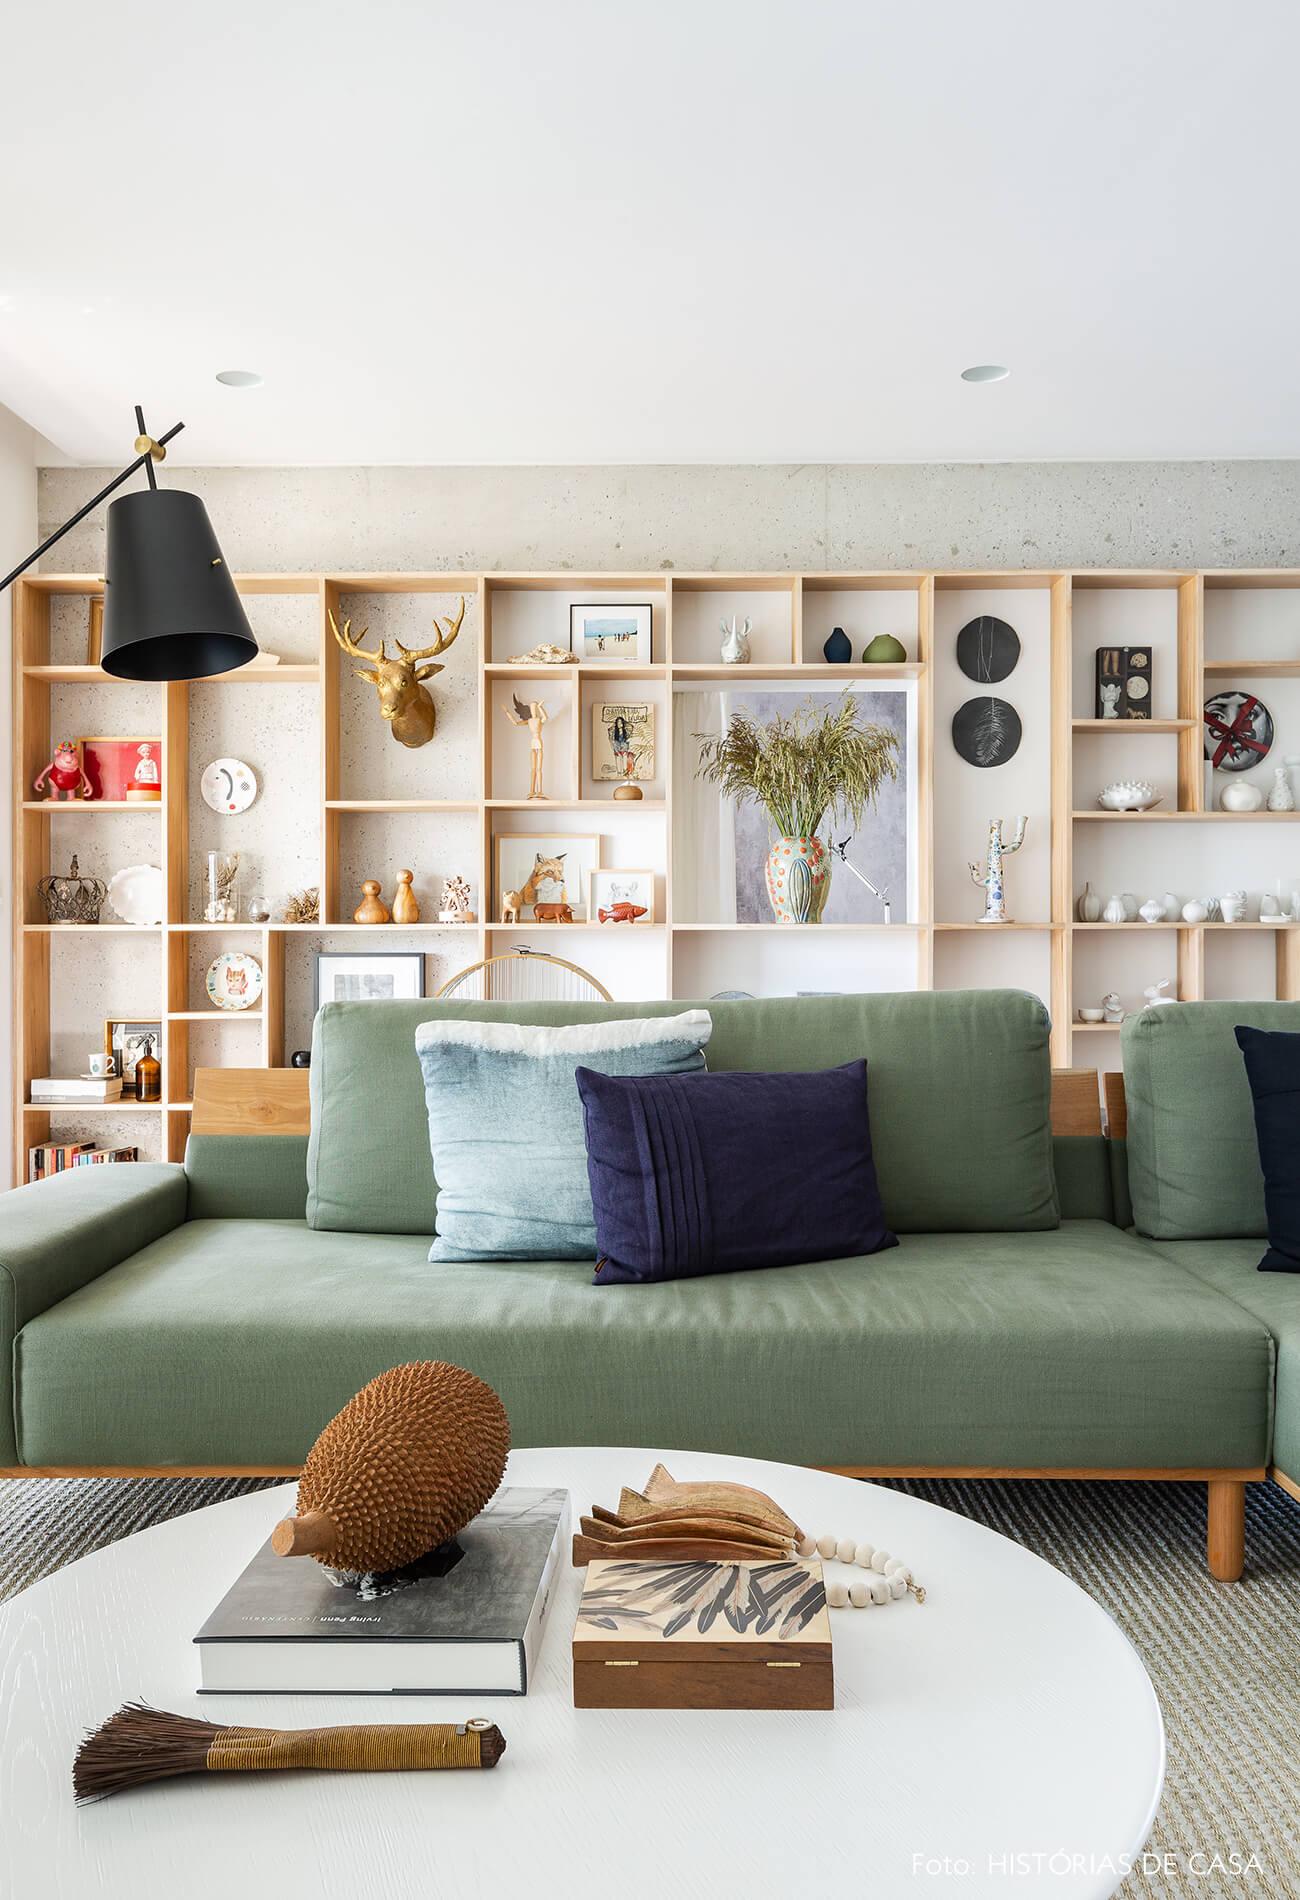 Sala com sofá verde e estante de madeira clara